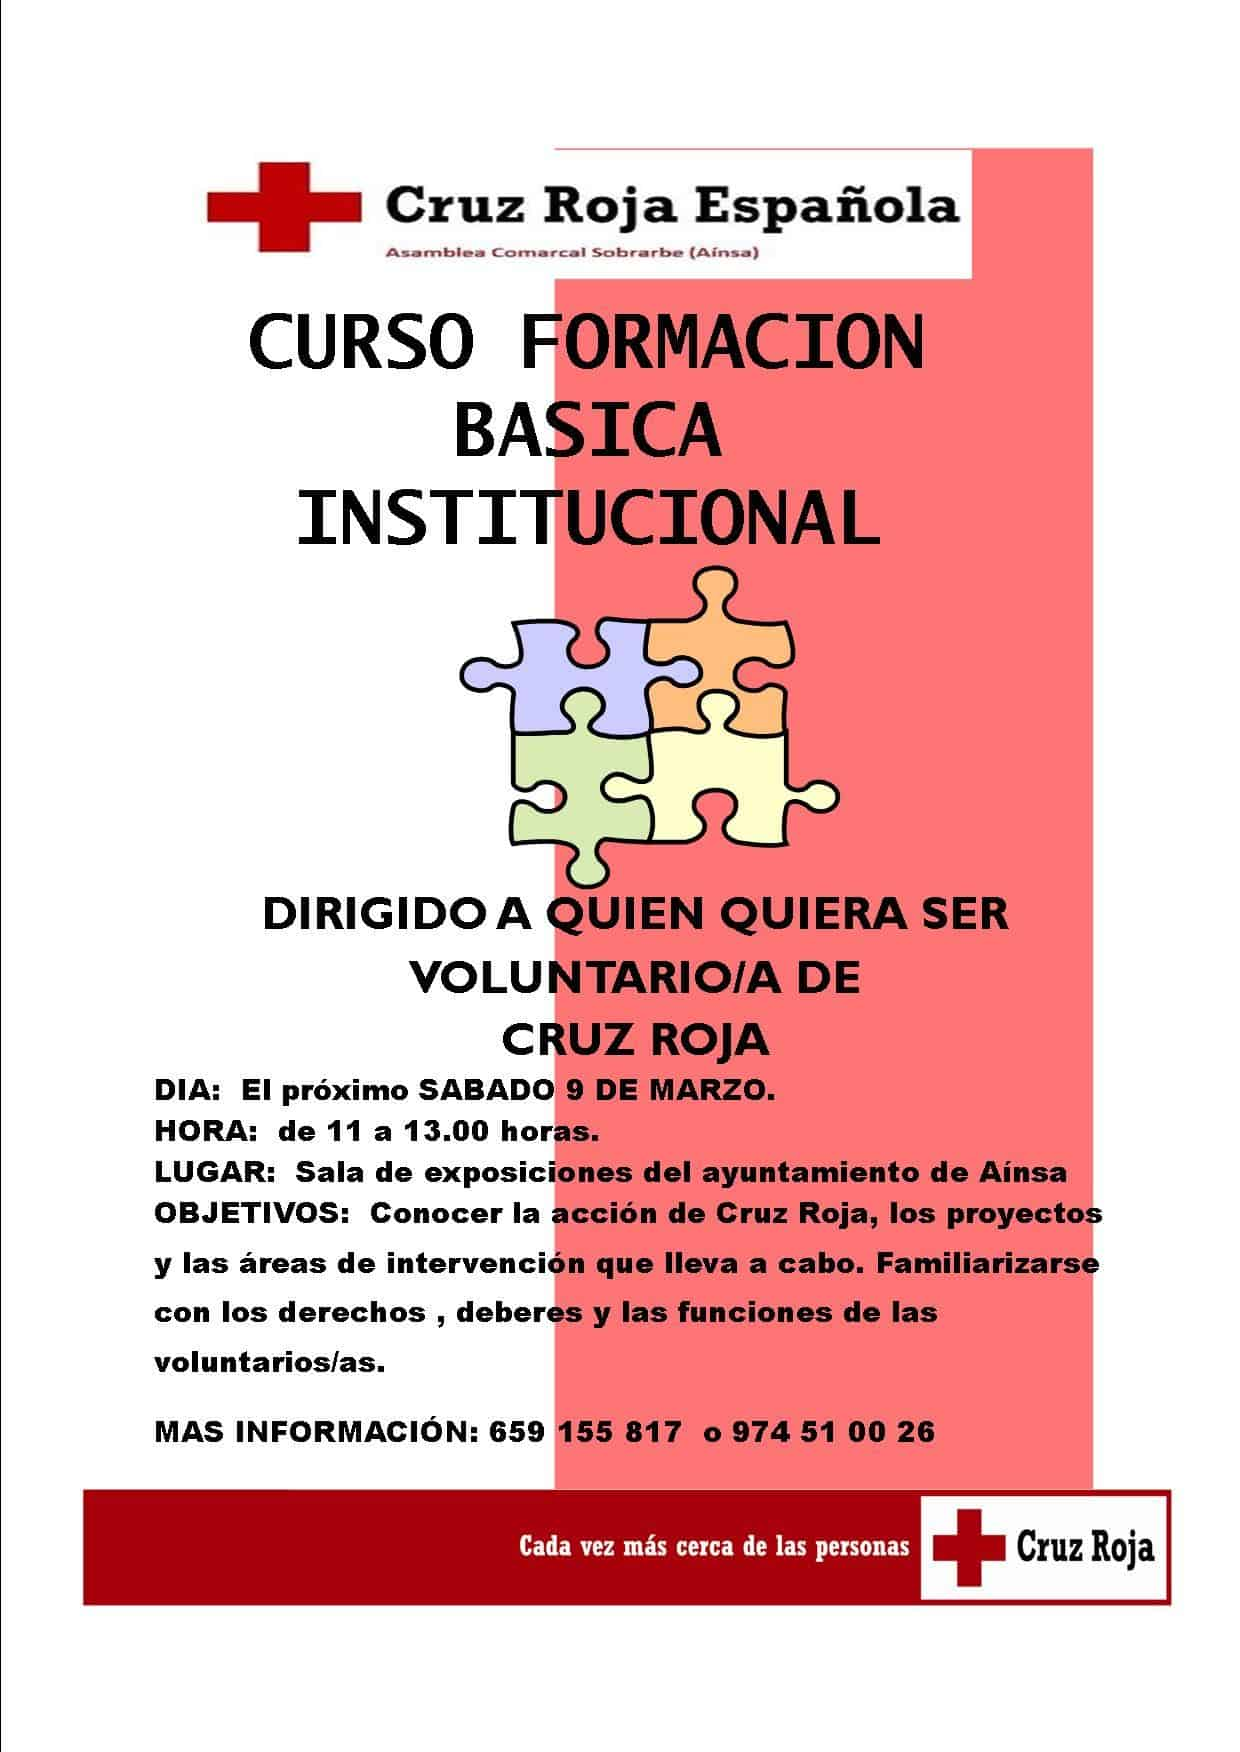 cartel_basica_institucional1_1.jpg